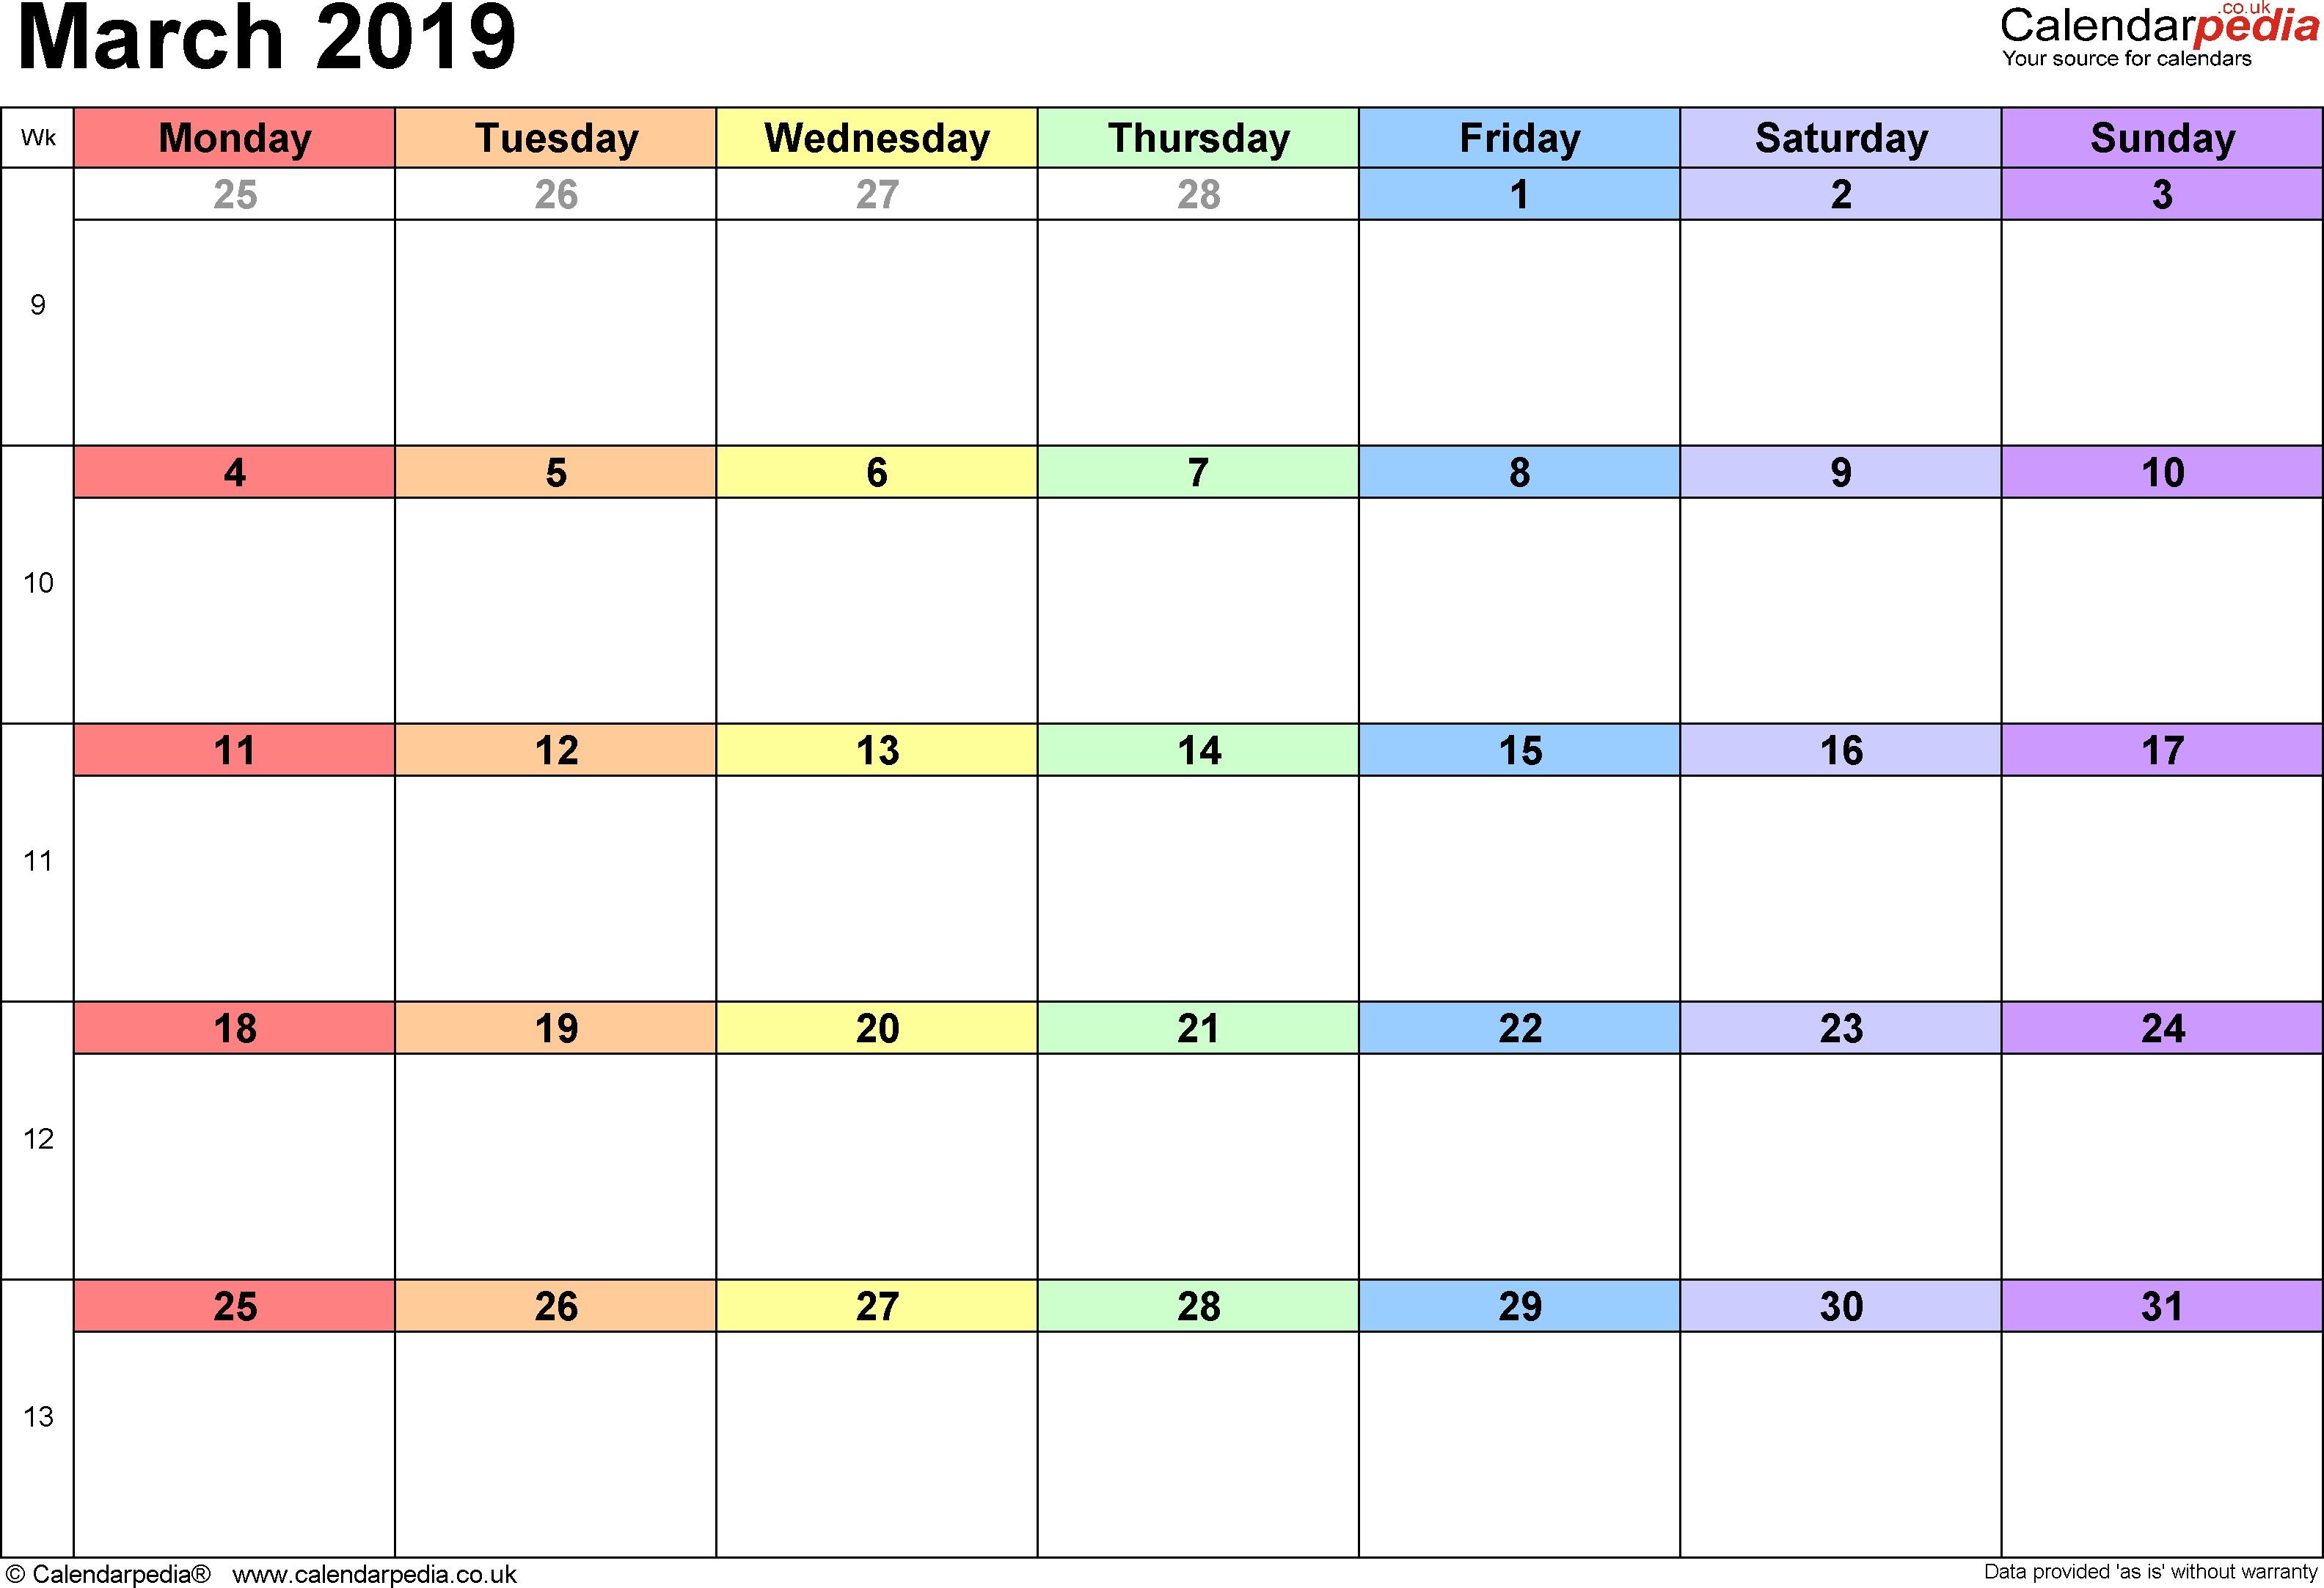 March Holiday Calendar 2019 Más Recientes Calendar March 2019 Uk Bank Holidays Excel Pdf Word Templates Of March Holiday Calendar 2019 Más Caliente Printable March 2019 Calendar Template Holidays Yes Calendars